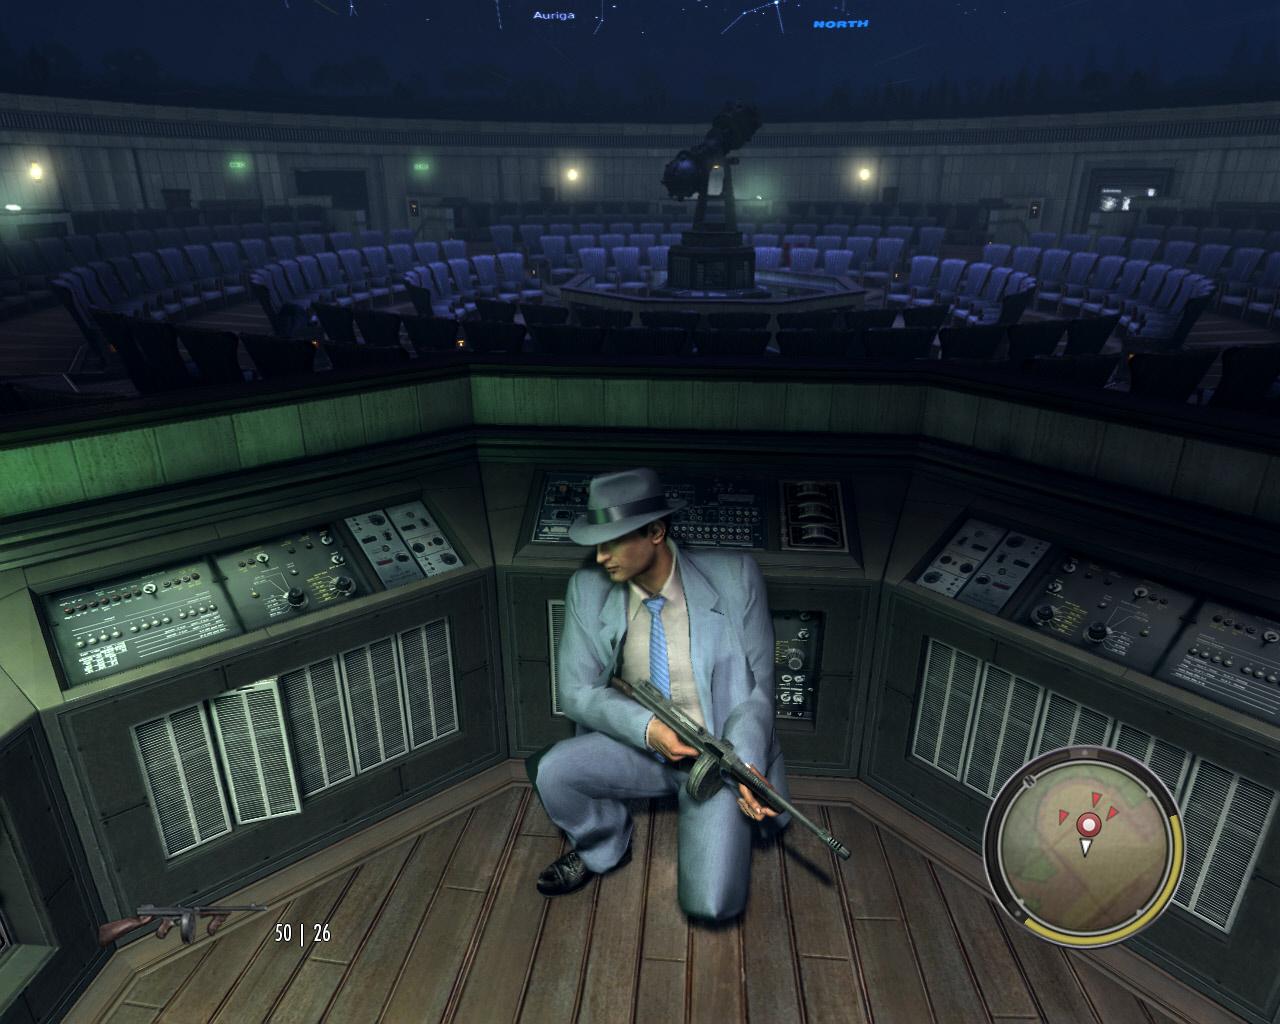 Видео как играют в игры убивать людей